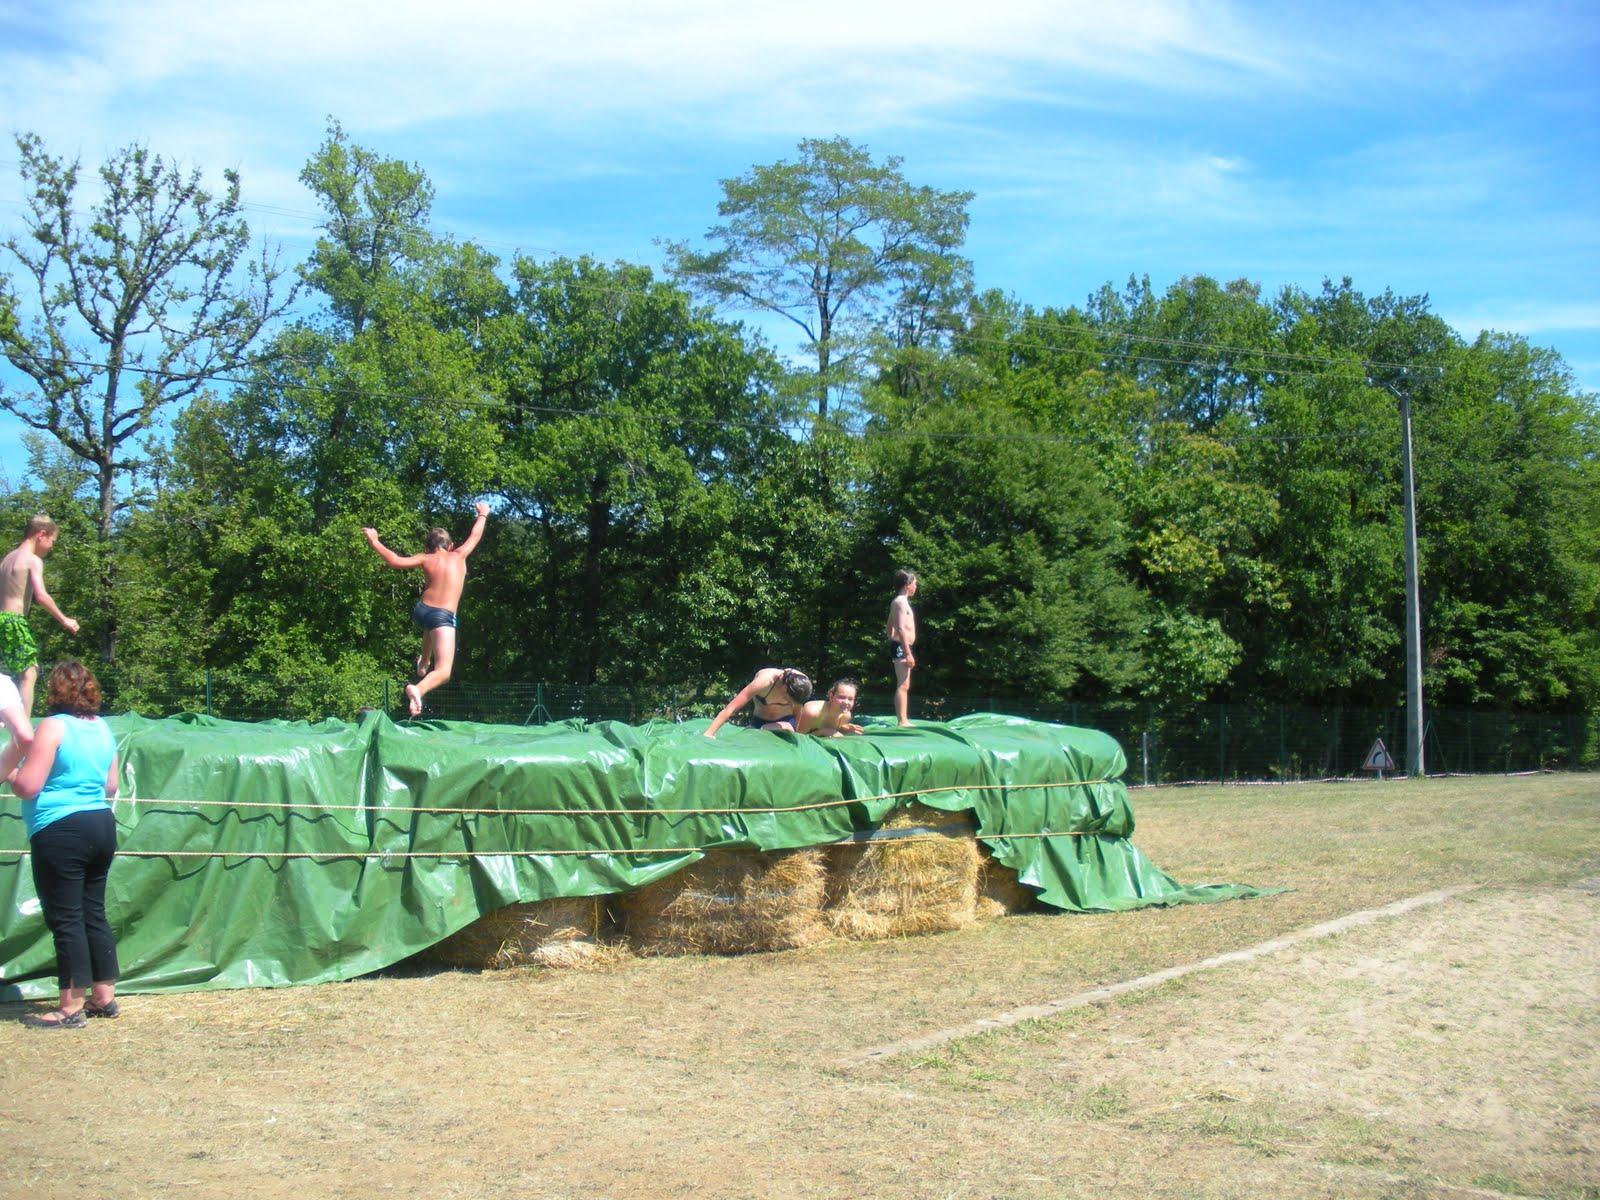 Sarlat et ailleurs 26 juin 2011 sport pour tous for Hay bail pool